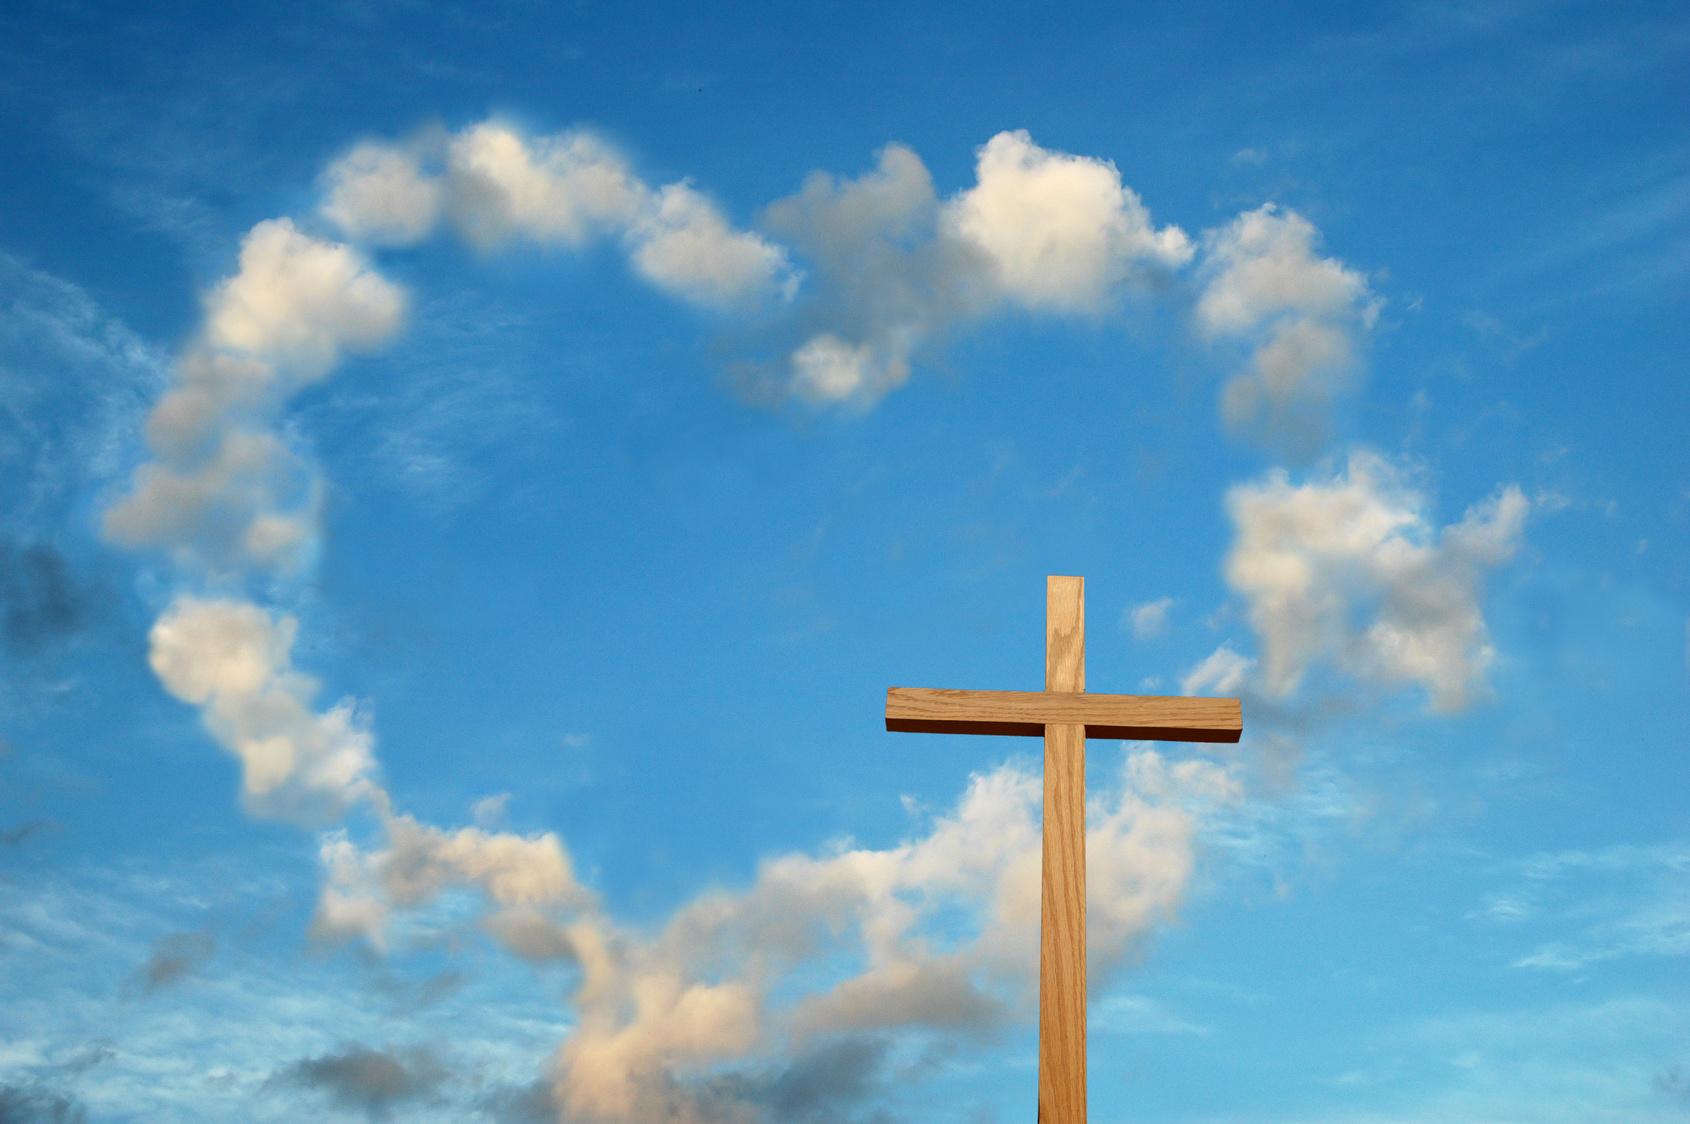 Le puissant amour de Dieu